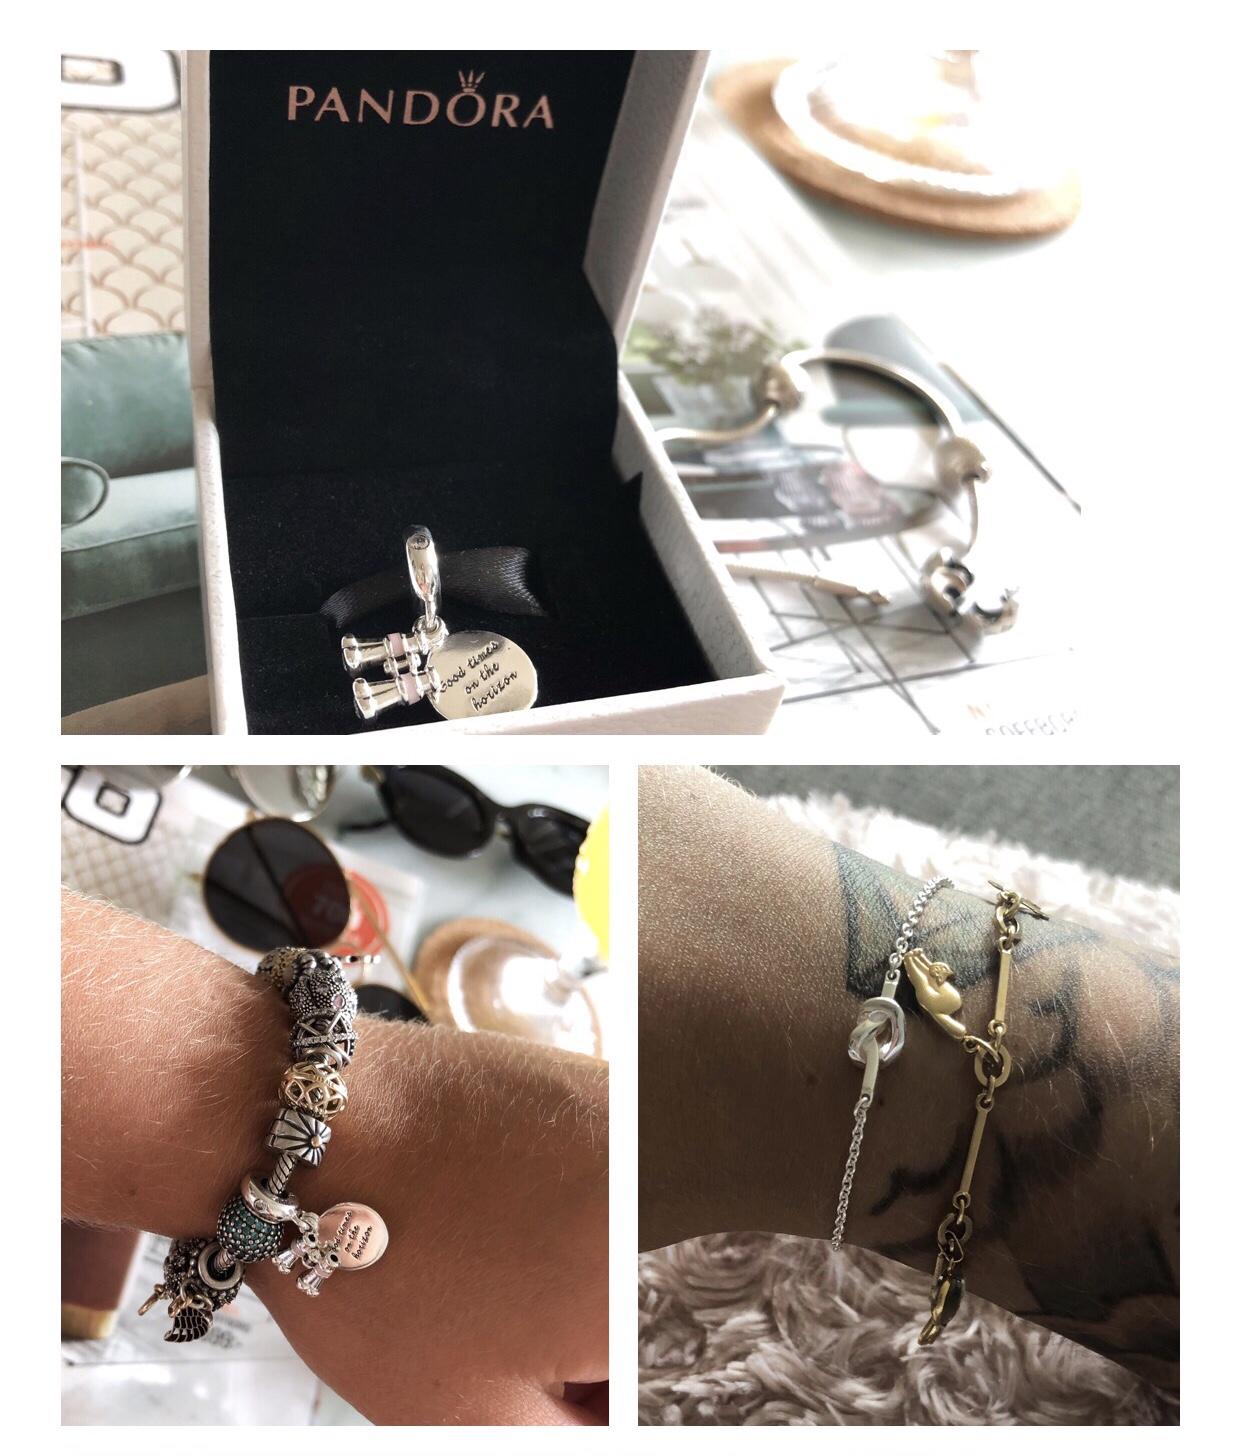 En berlock från Pandora, ett armband från Efva Attling och ett väldigt värdefullt och betydelsefullt guldarmband.